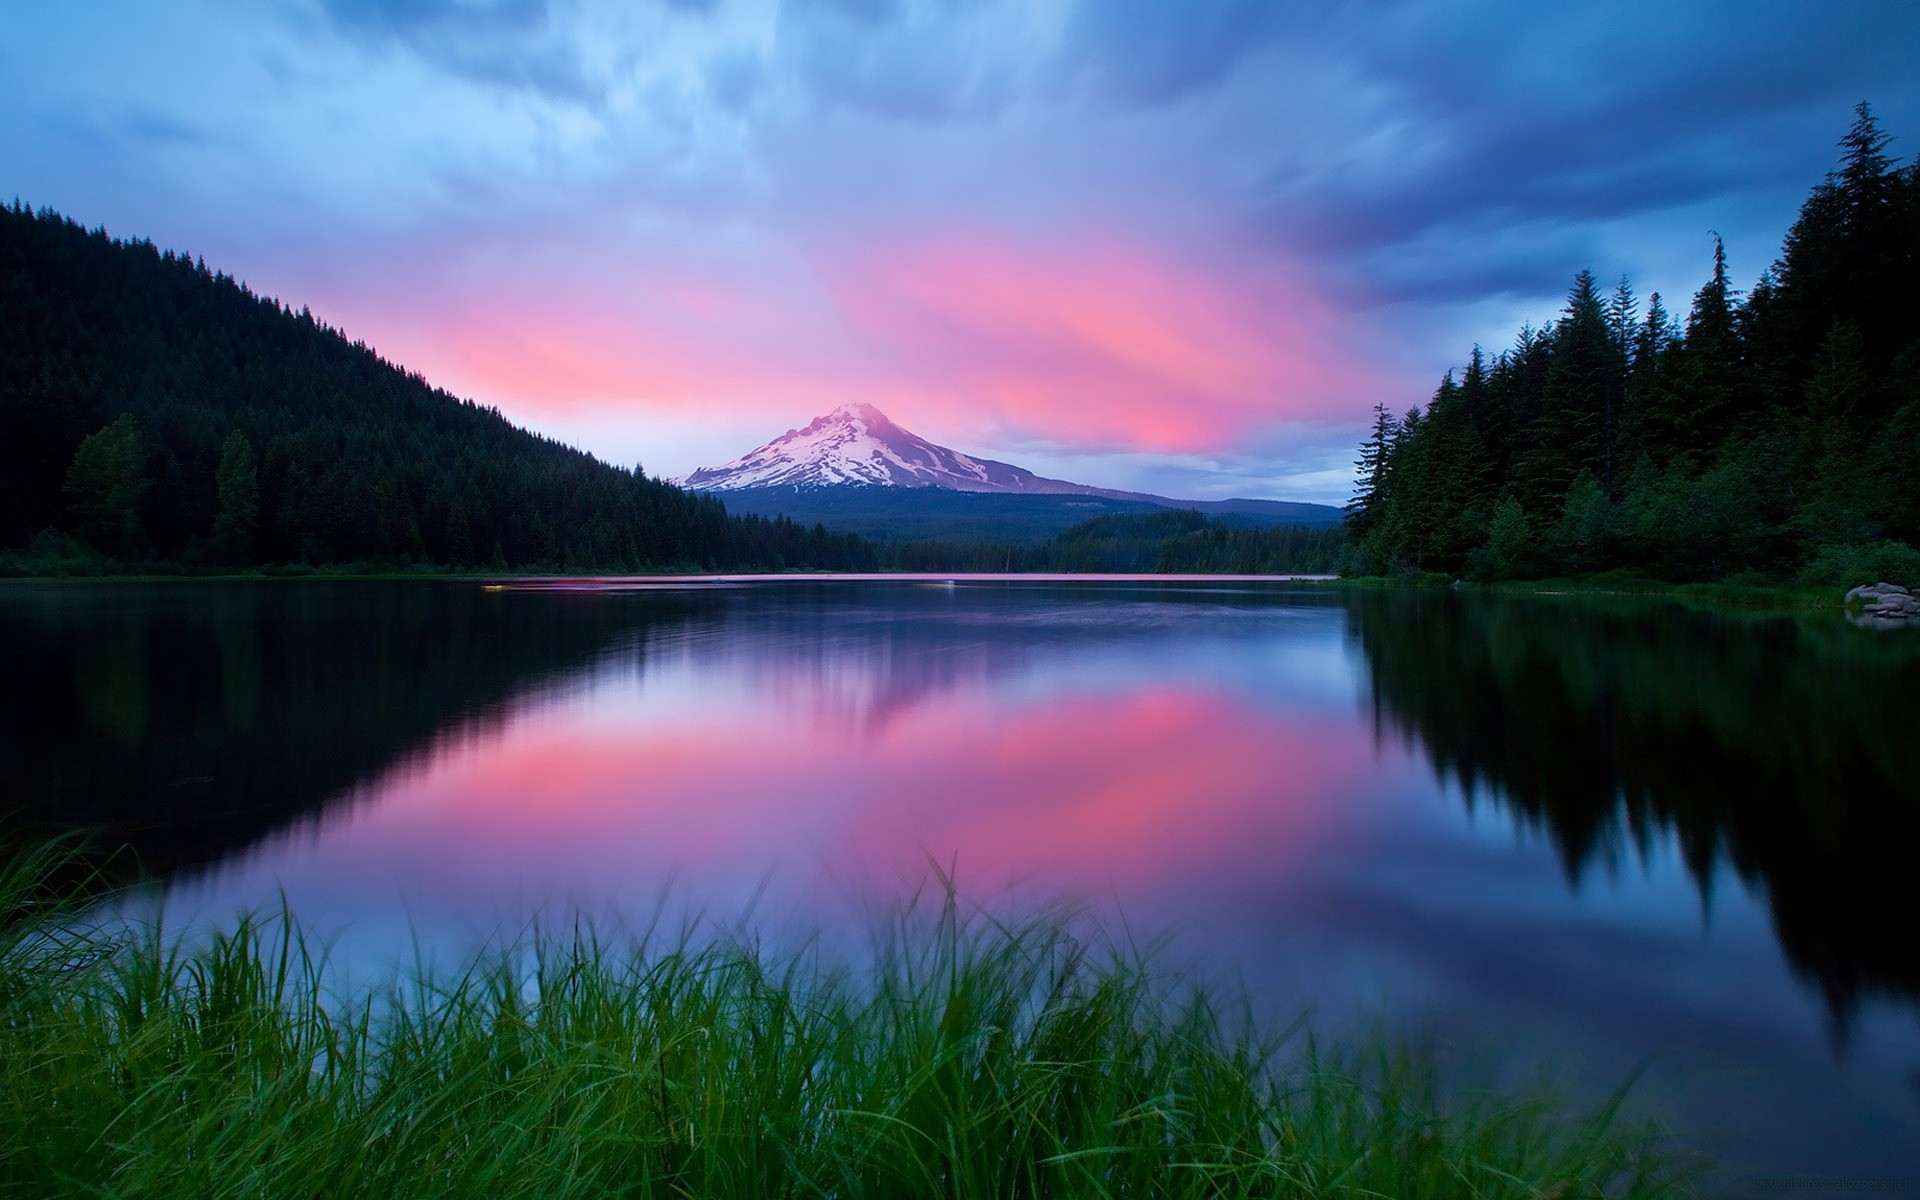 закат озеро небо трава  № 3878861 бесплатно